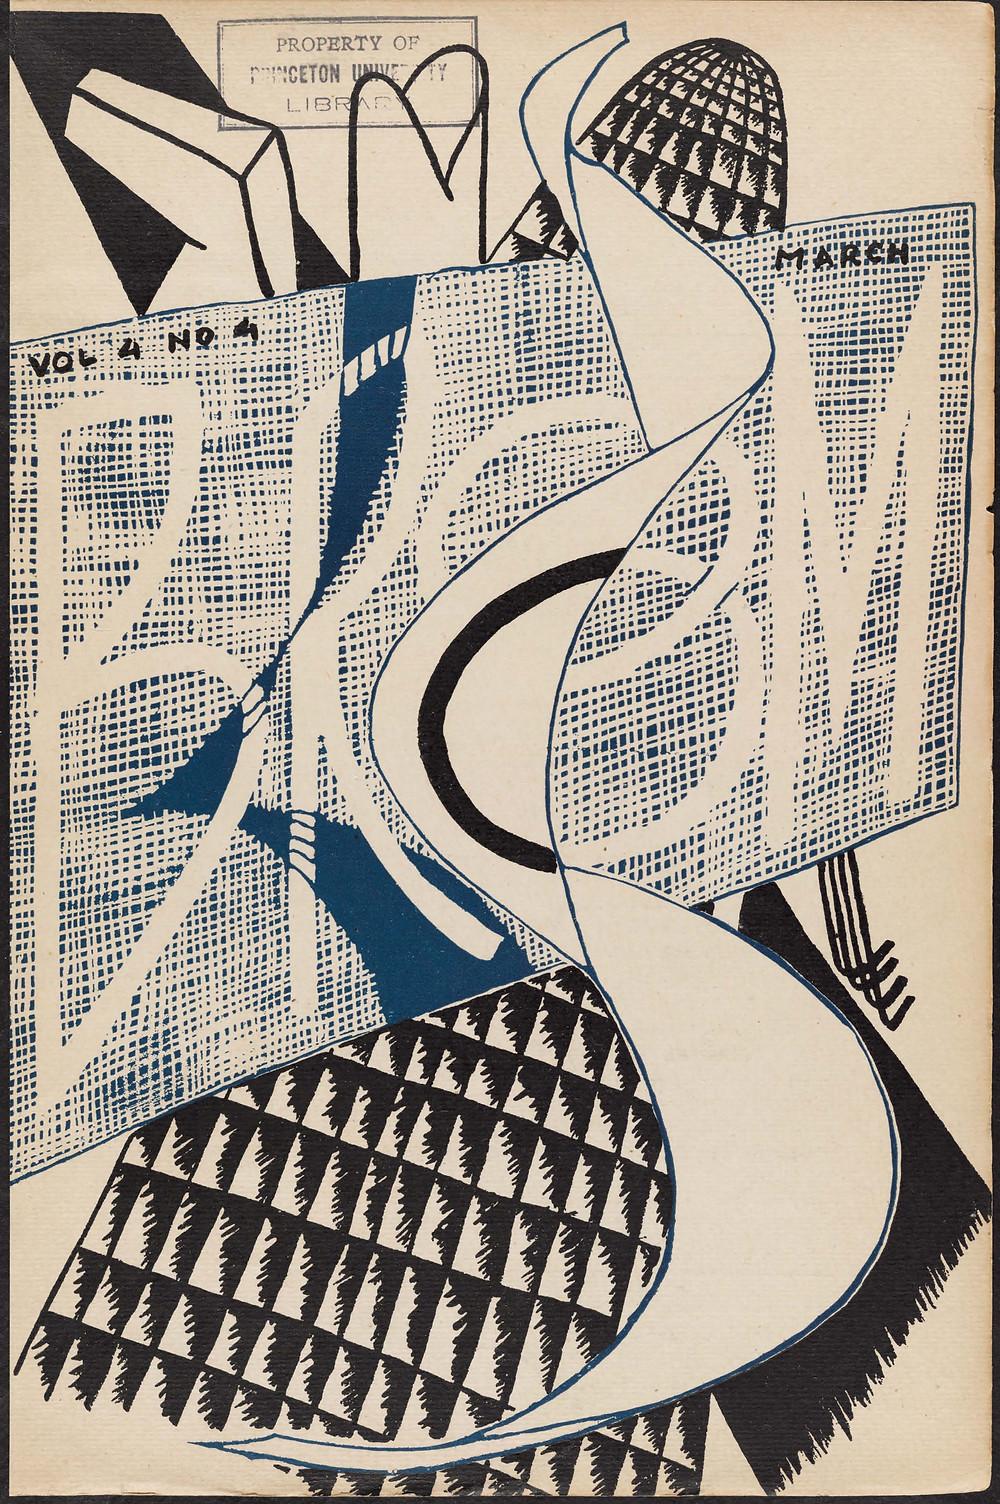 Man Ray, 1923